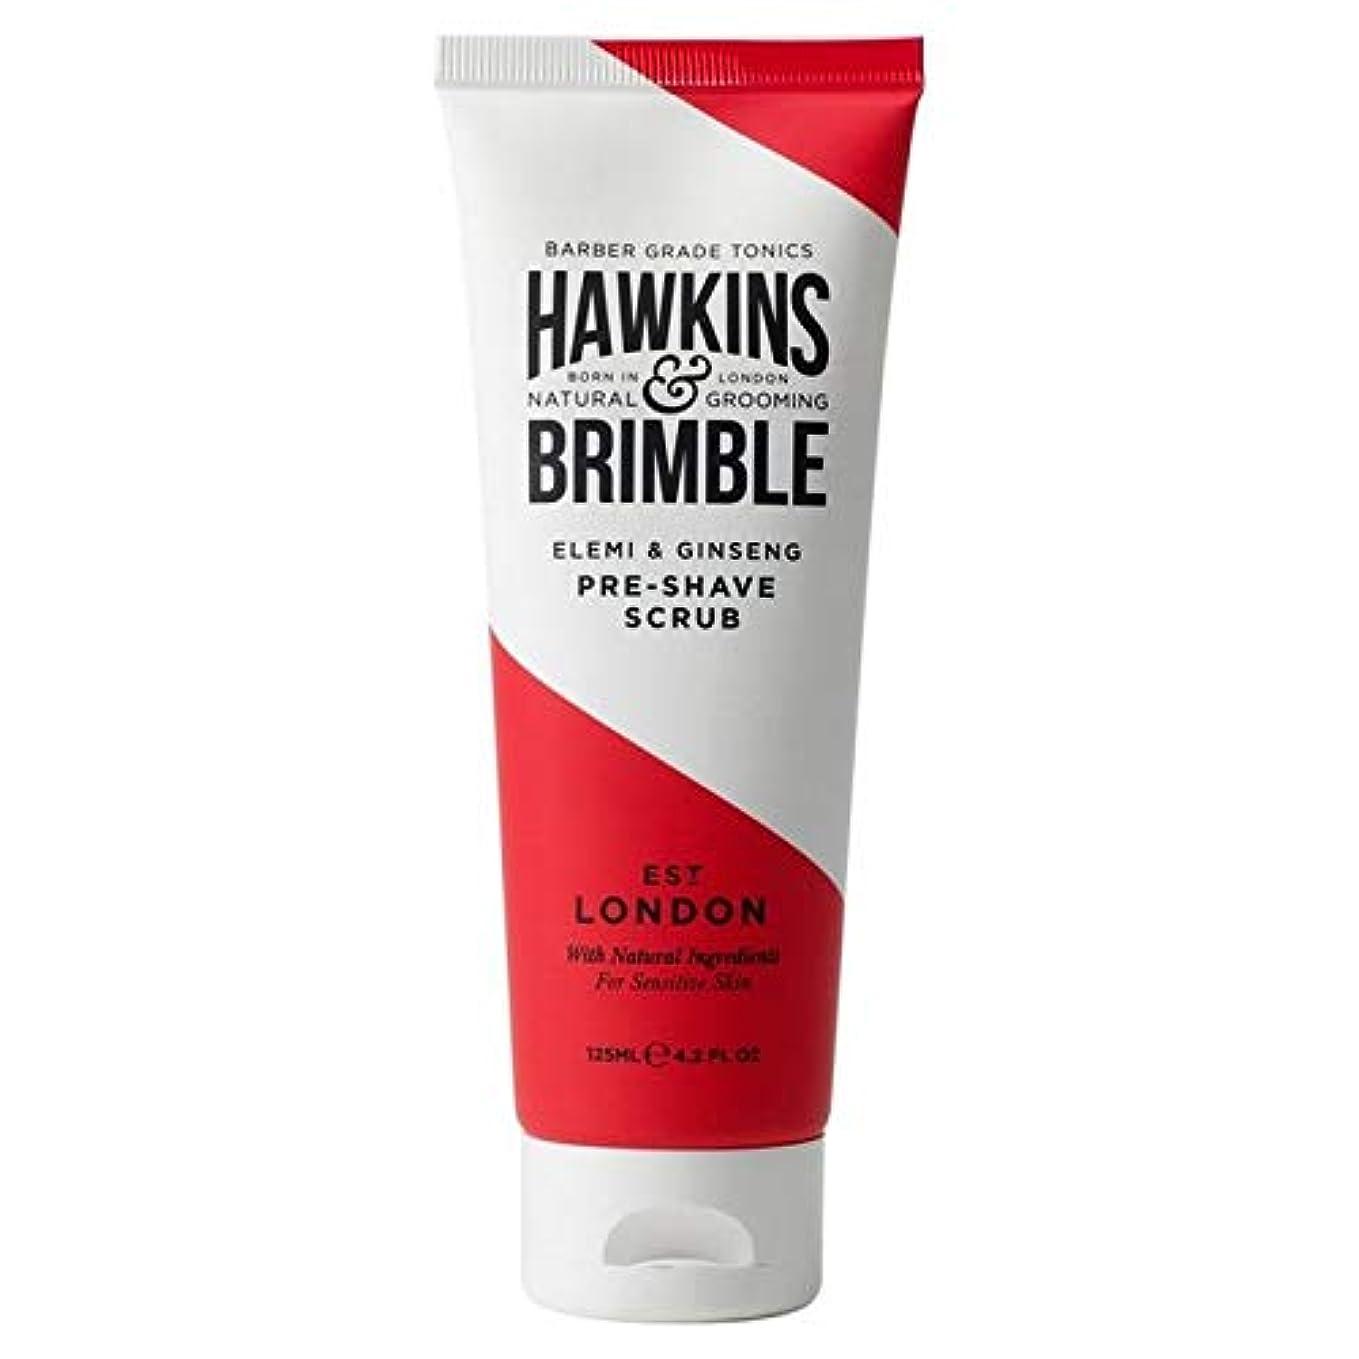 テープ聖歌市民権[Hawkins & Brimble] ホーキンス&Brimbleプレシェーブスクラブ125ミリリットル - Hawkins & Brimble Pre Shave Scrub 125ml [並行輸入品]